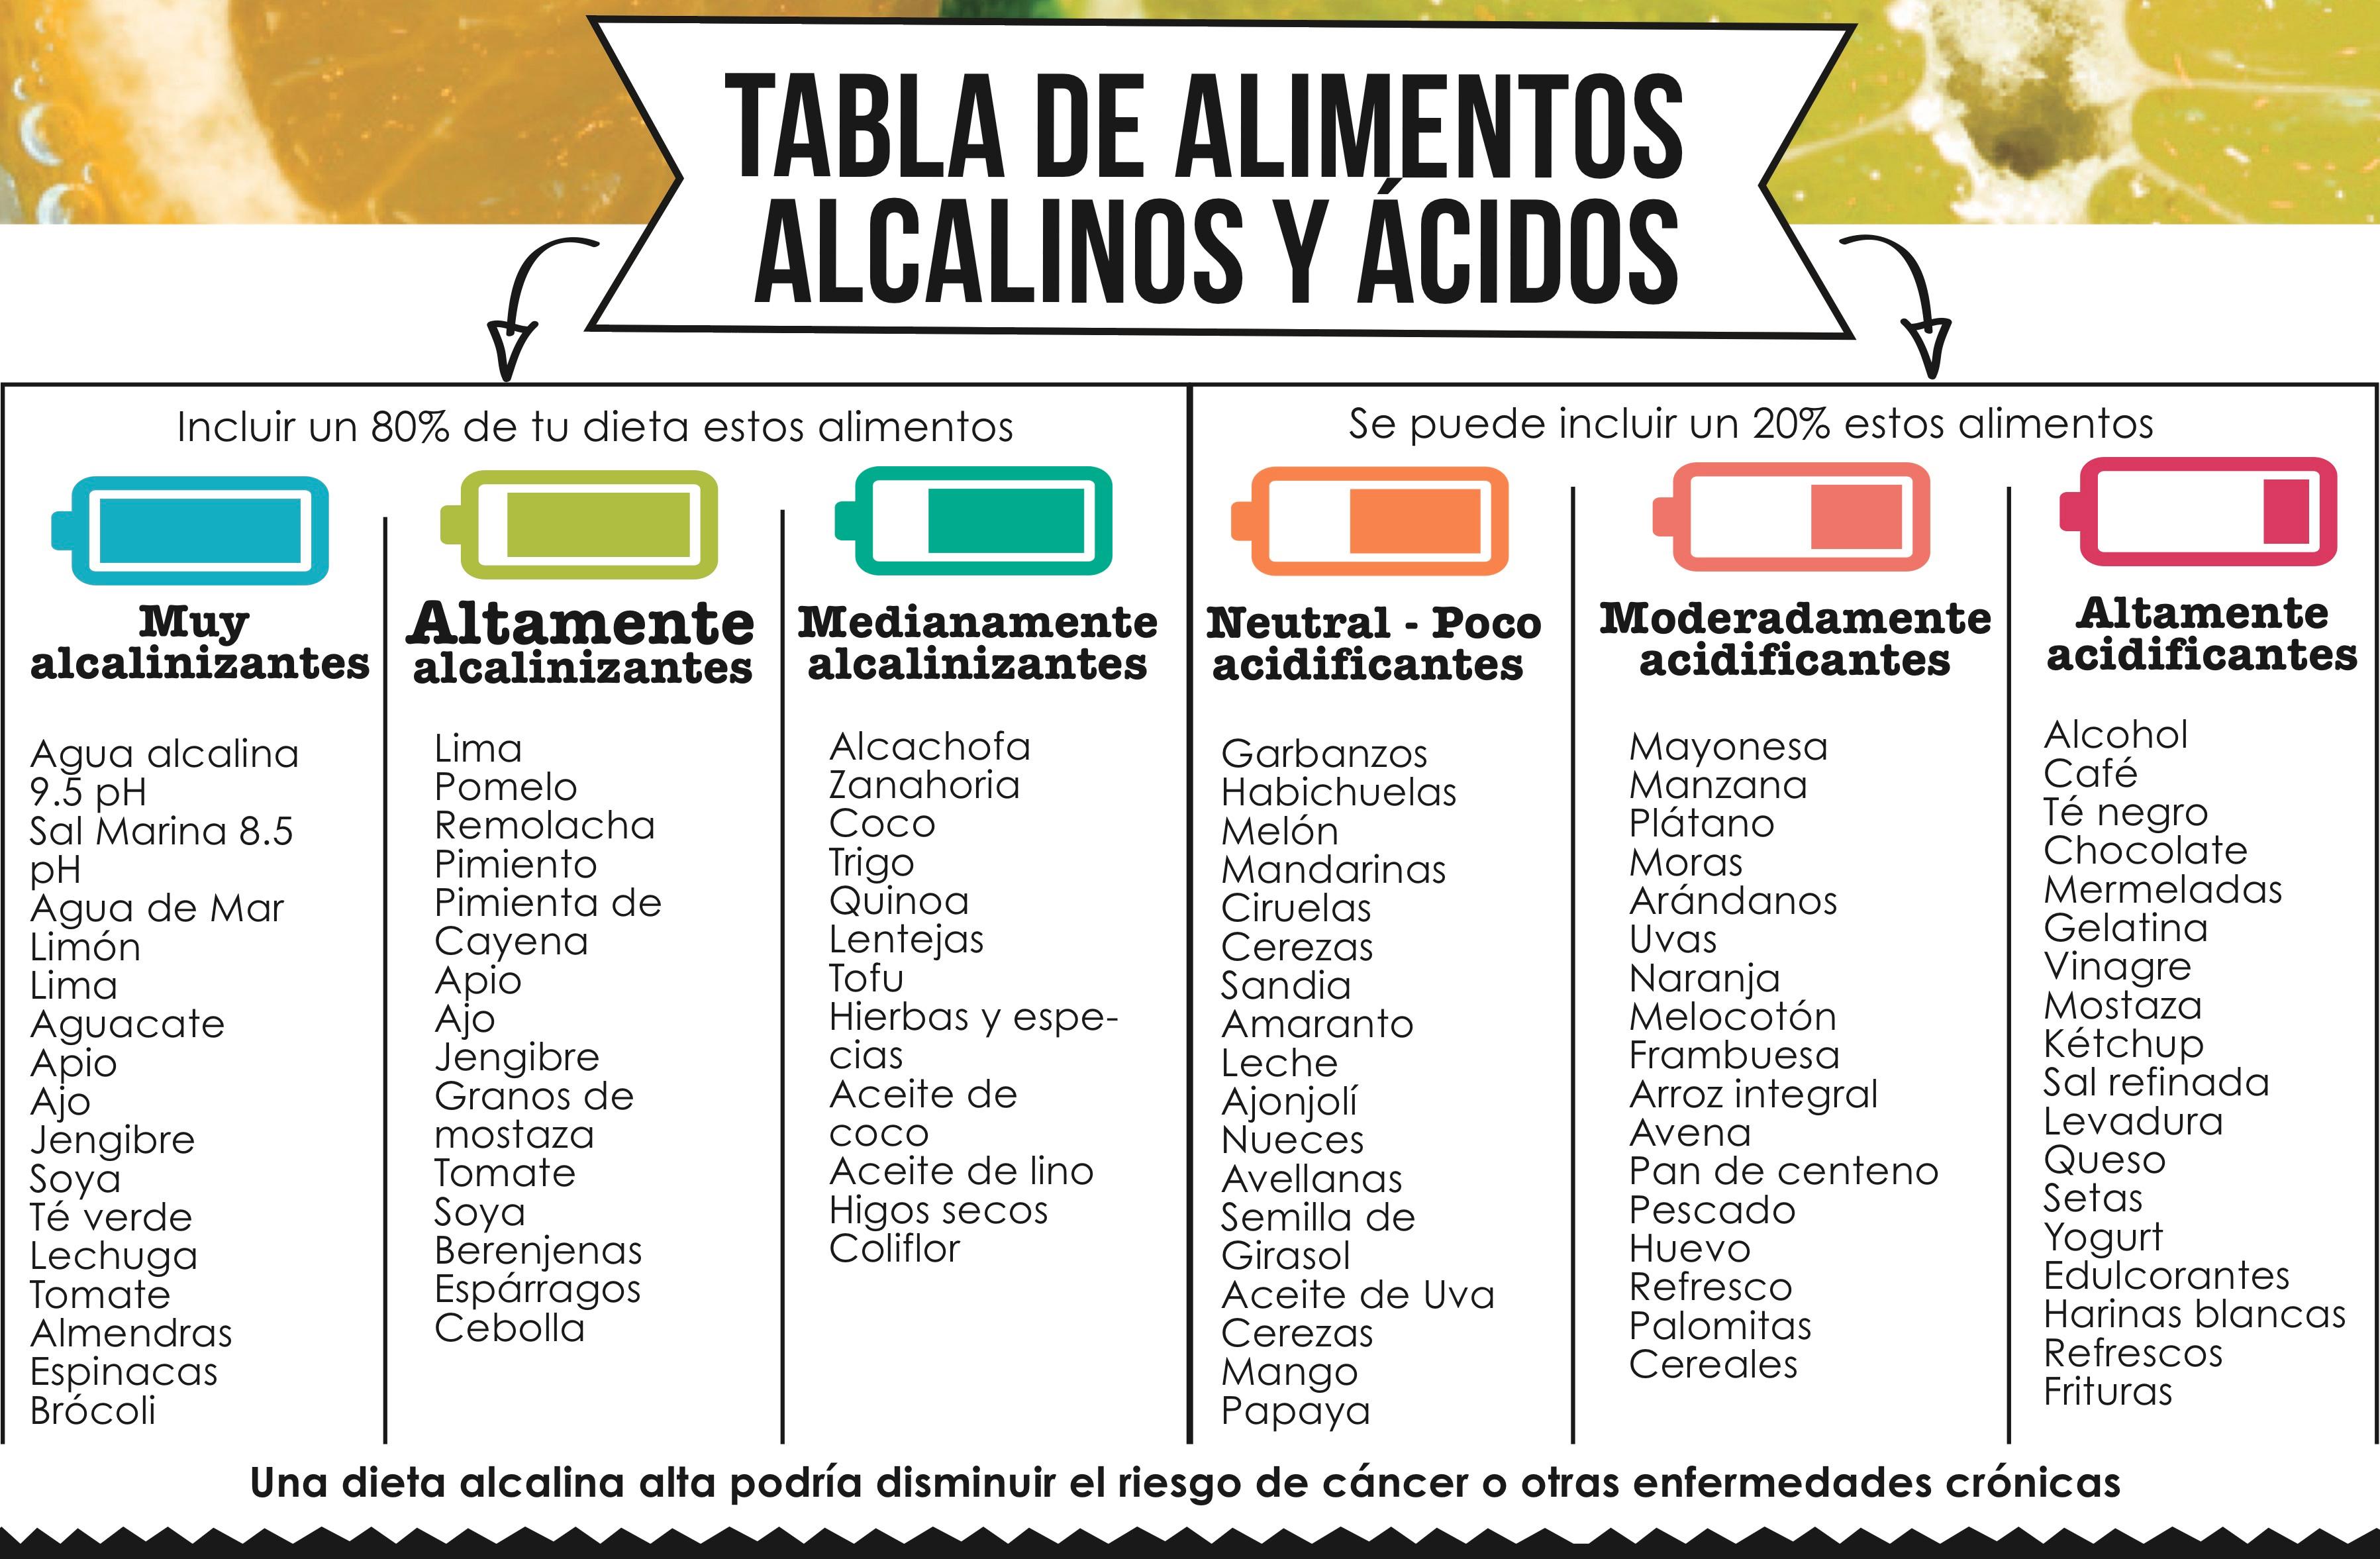 Sin categor a - Tabla de alimentos alcalinos y acidos ...